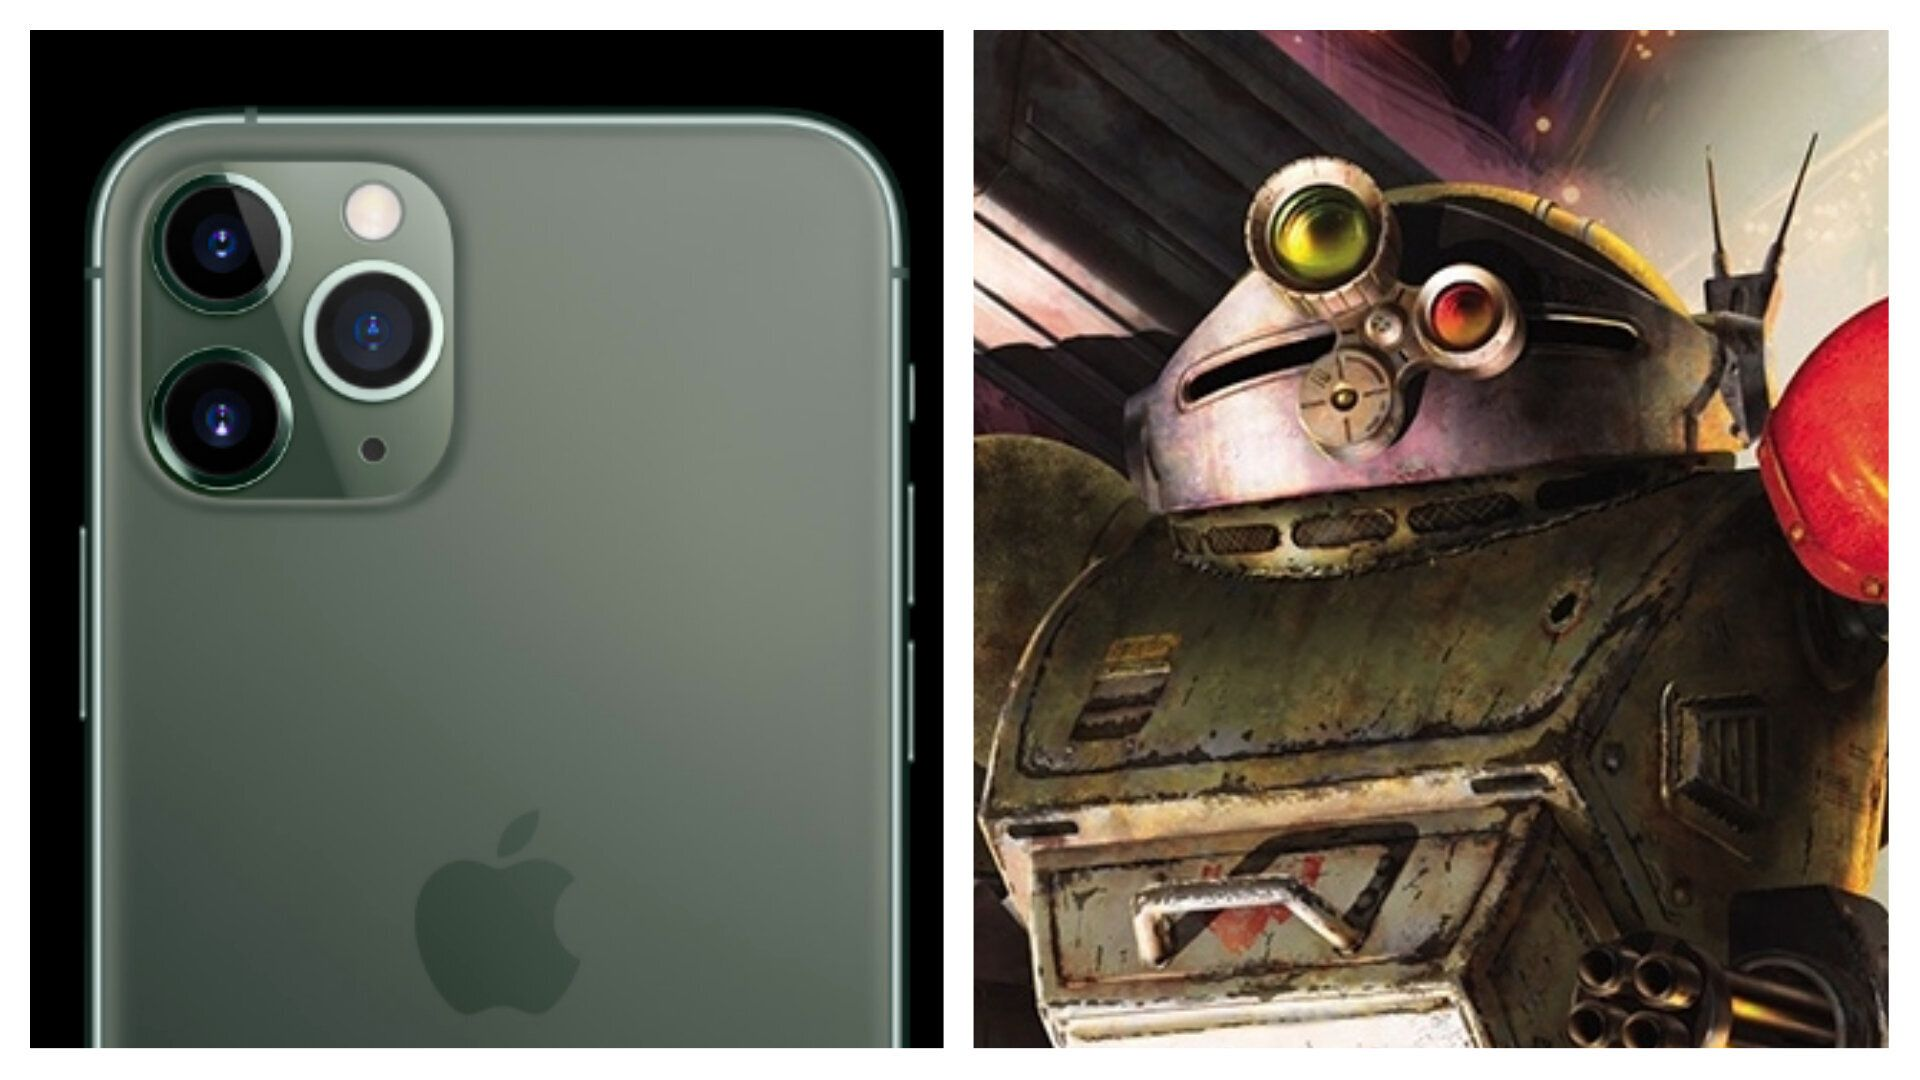 装甲騎兵ボトムズとiPhone 11 Proは、本当にそっくりなのか